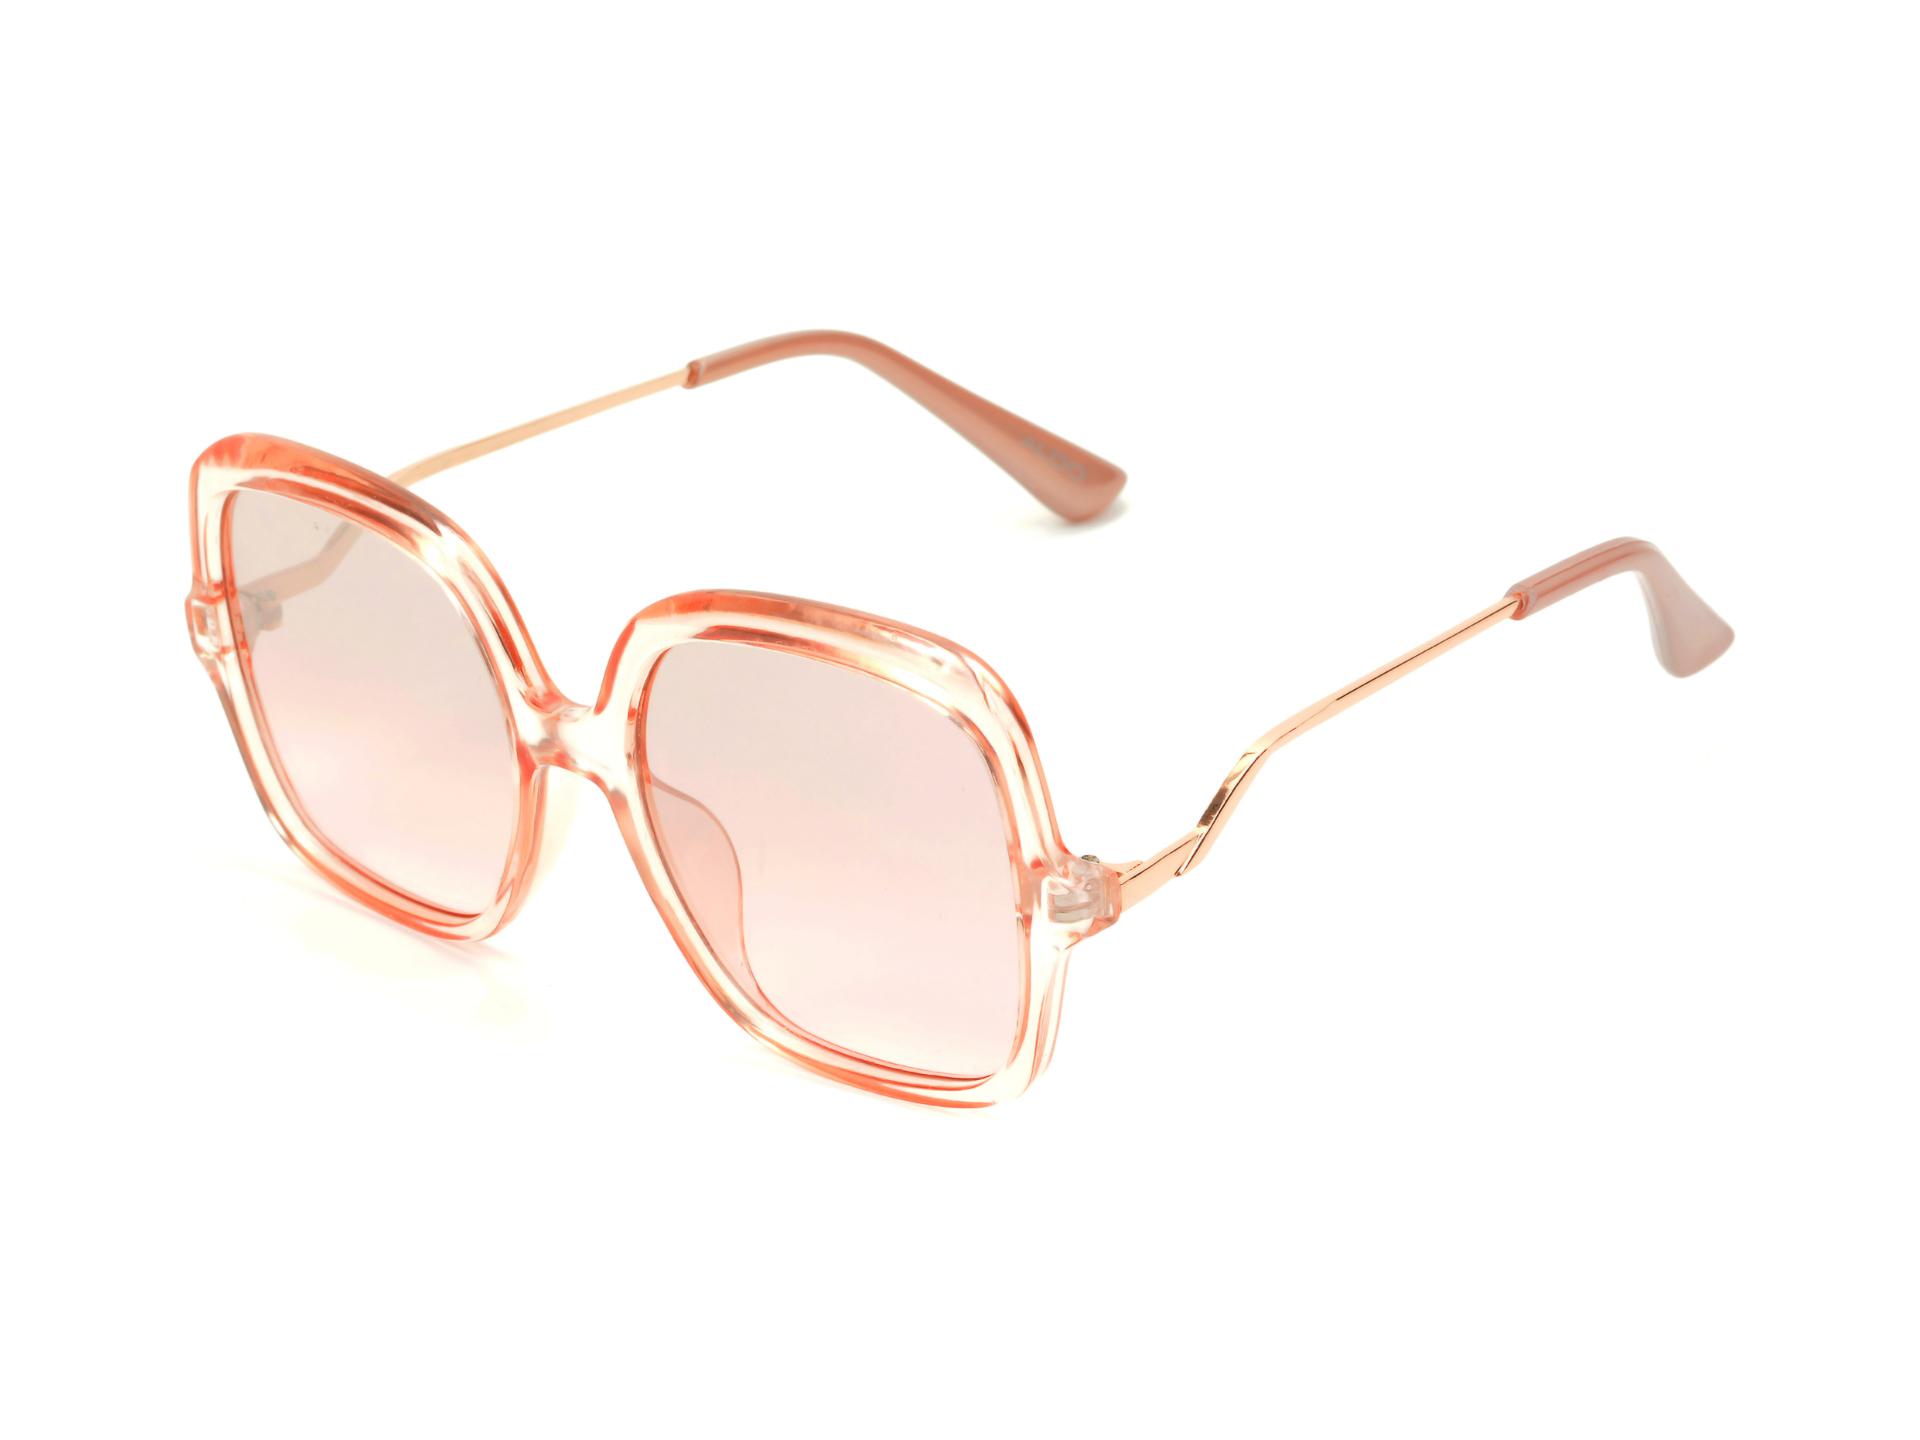 Ochelari de soare ALDO roz, Koumala680, din PVC imagine